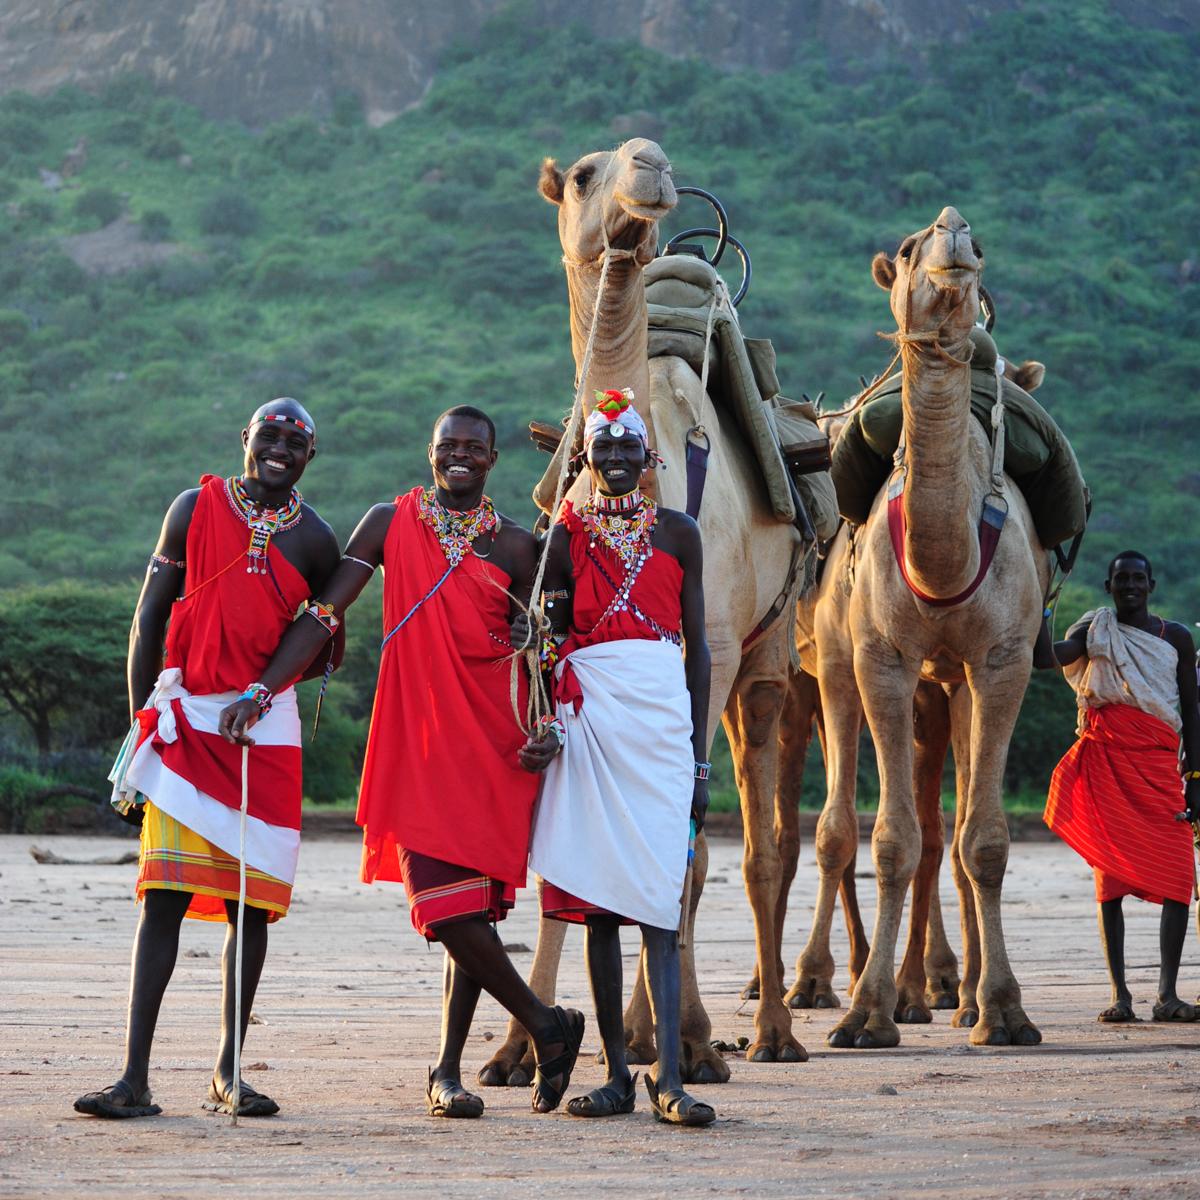 camelsafariteam.jpg